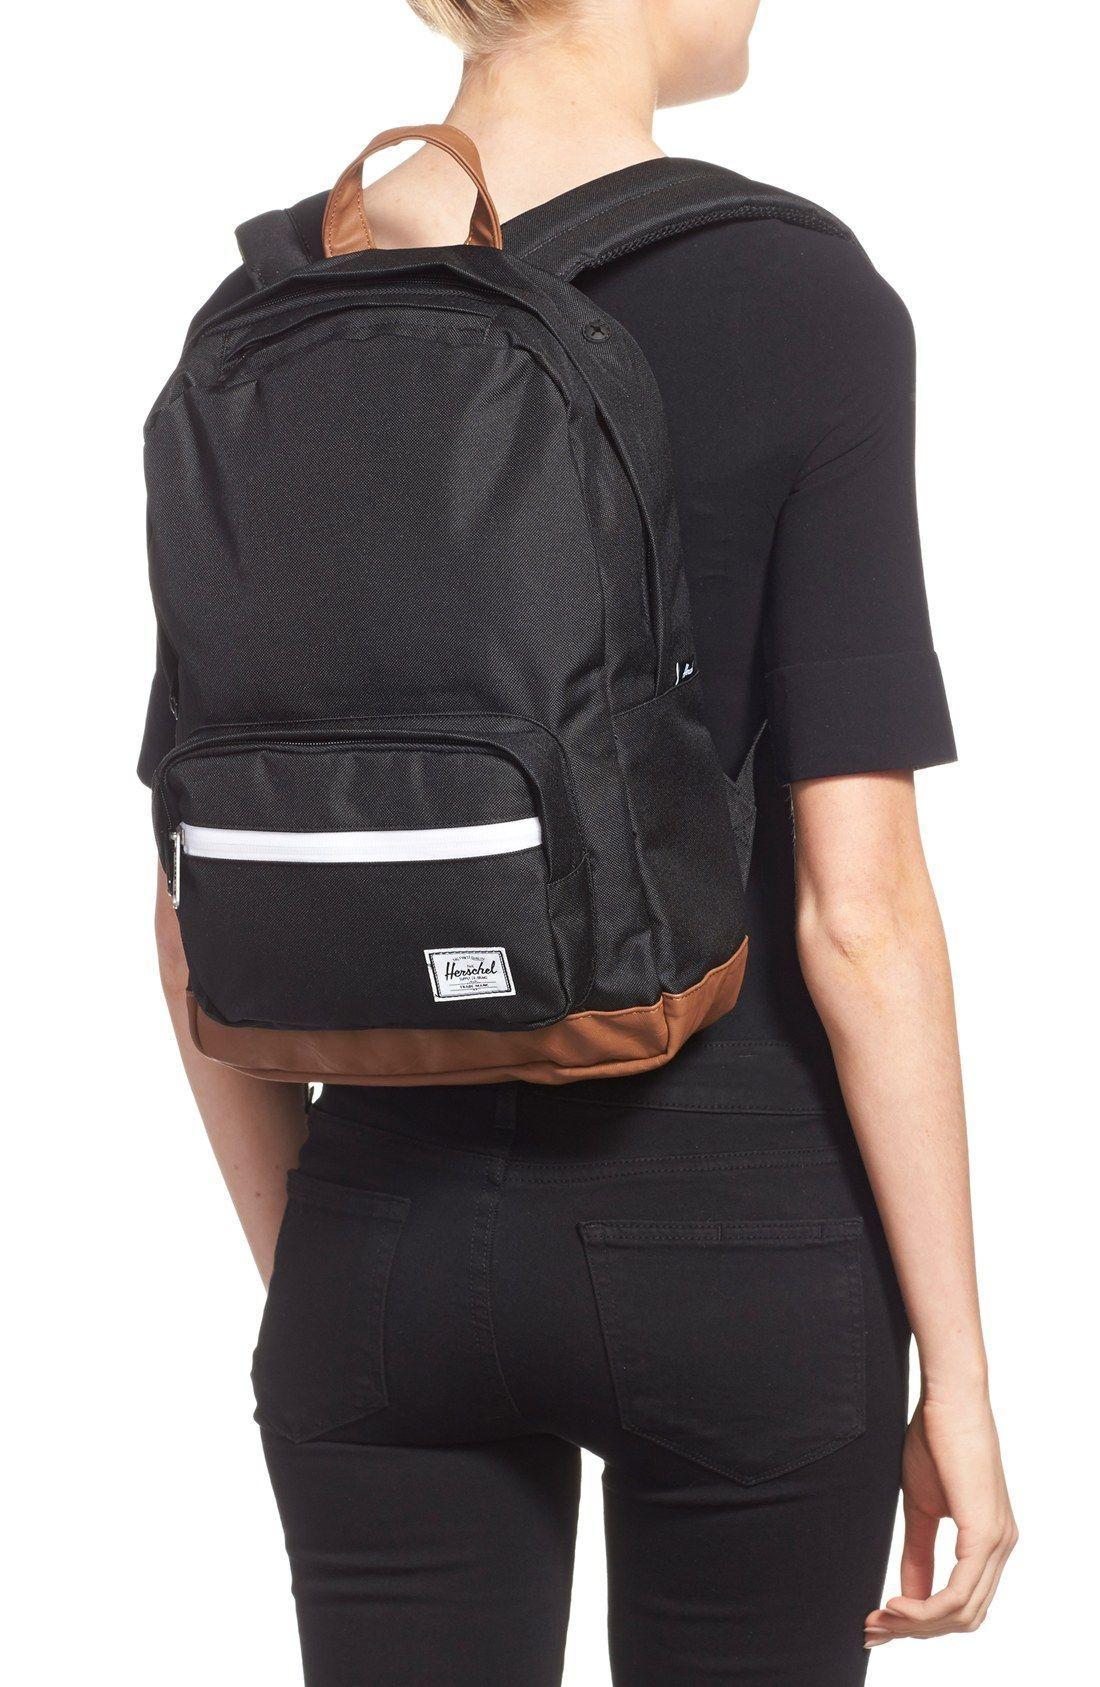 cd94aeaad3f Herschel Supply Co.  Pop Quiz - Mid Volume  Backpack  pursesquiz ...